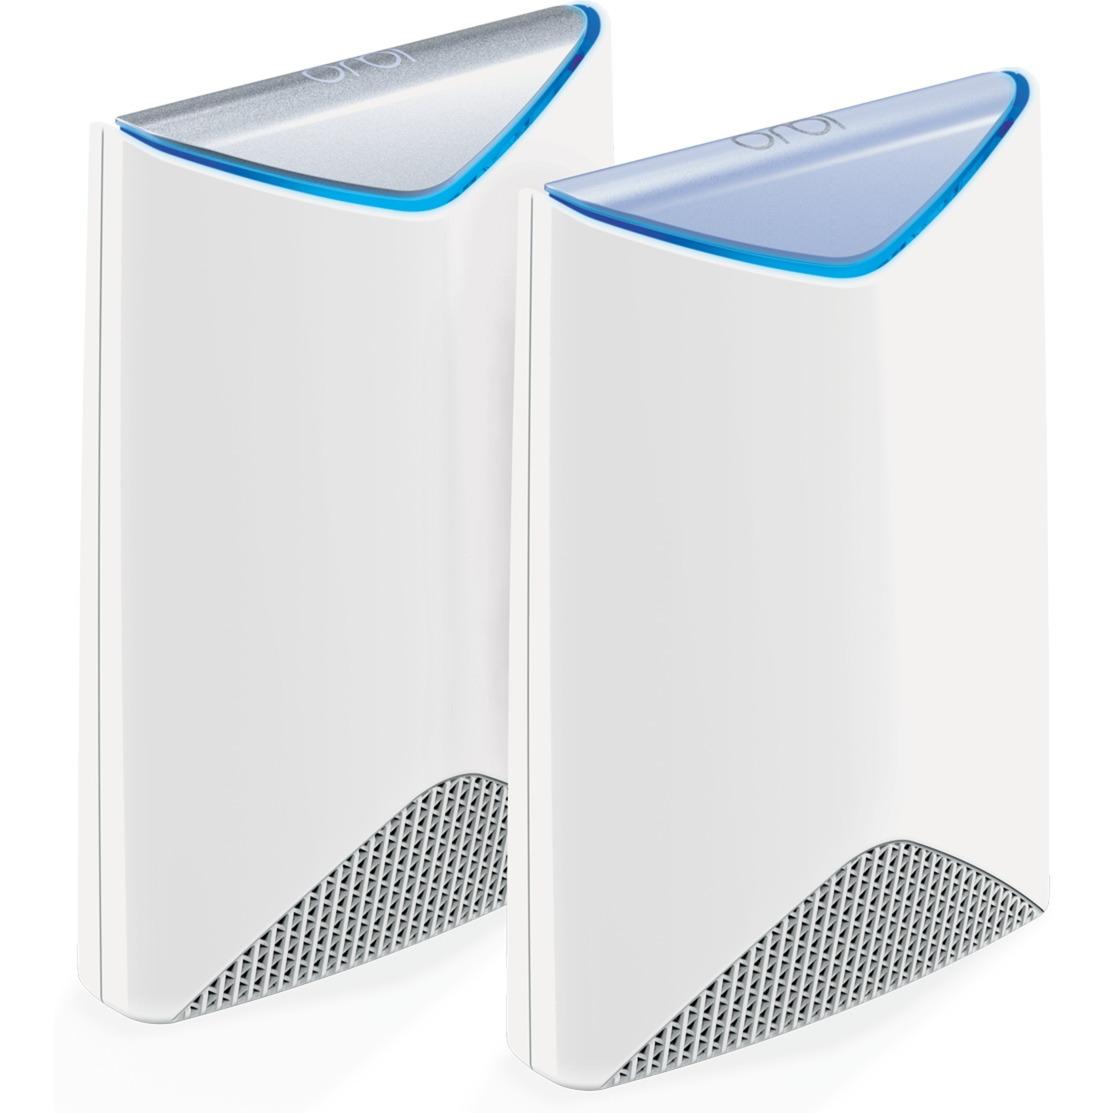 SRK60 Tri-bande (2,4 GHz / 5 GHz / 5 GHz) Gigabit Ethernet Blanc routeur sans fil, Routeur de maille